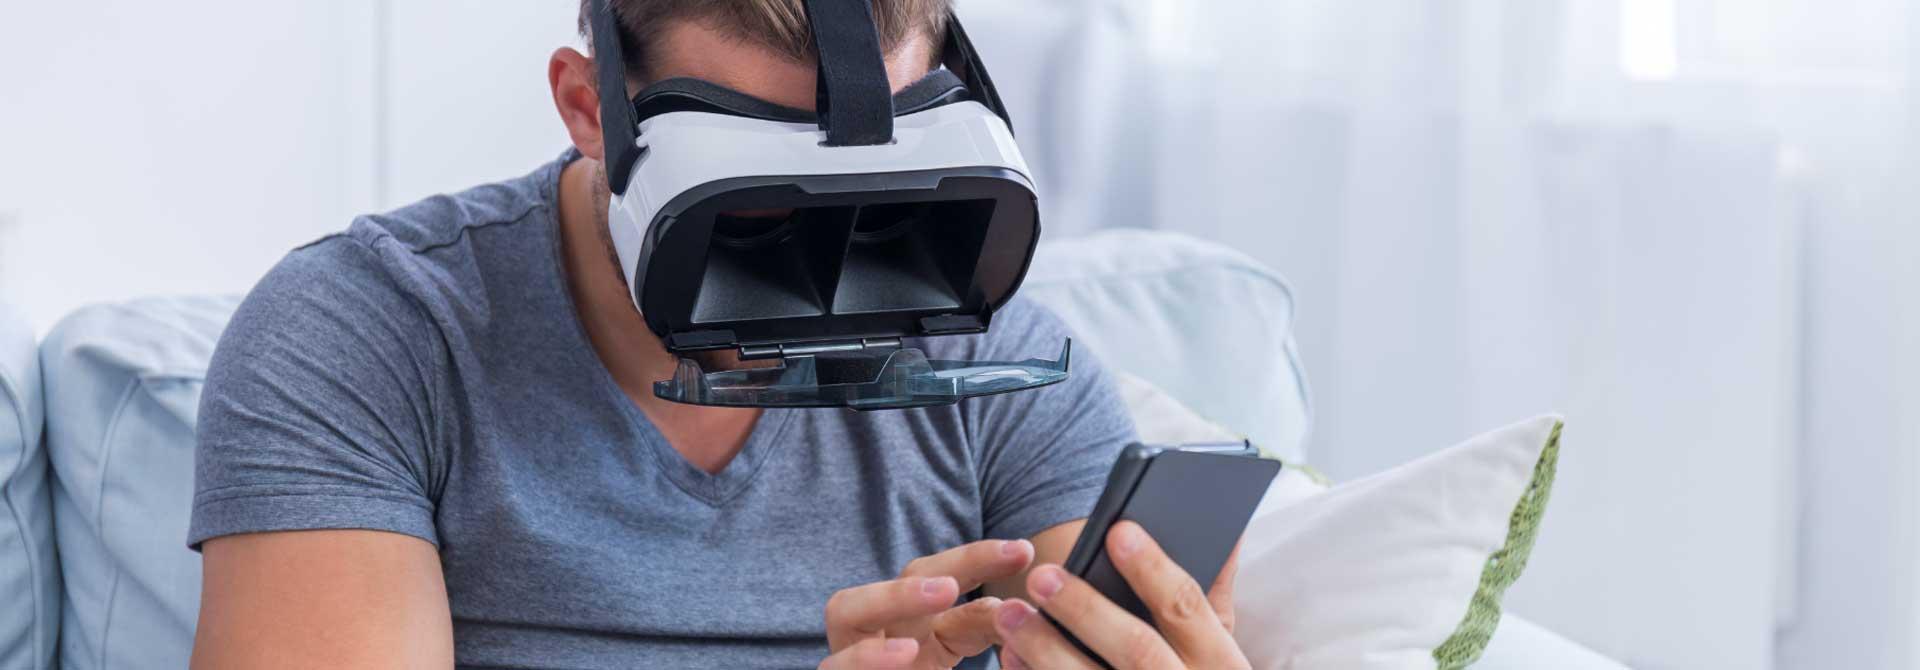 gafas de realidad virtual para samsung